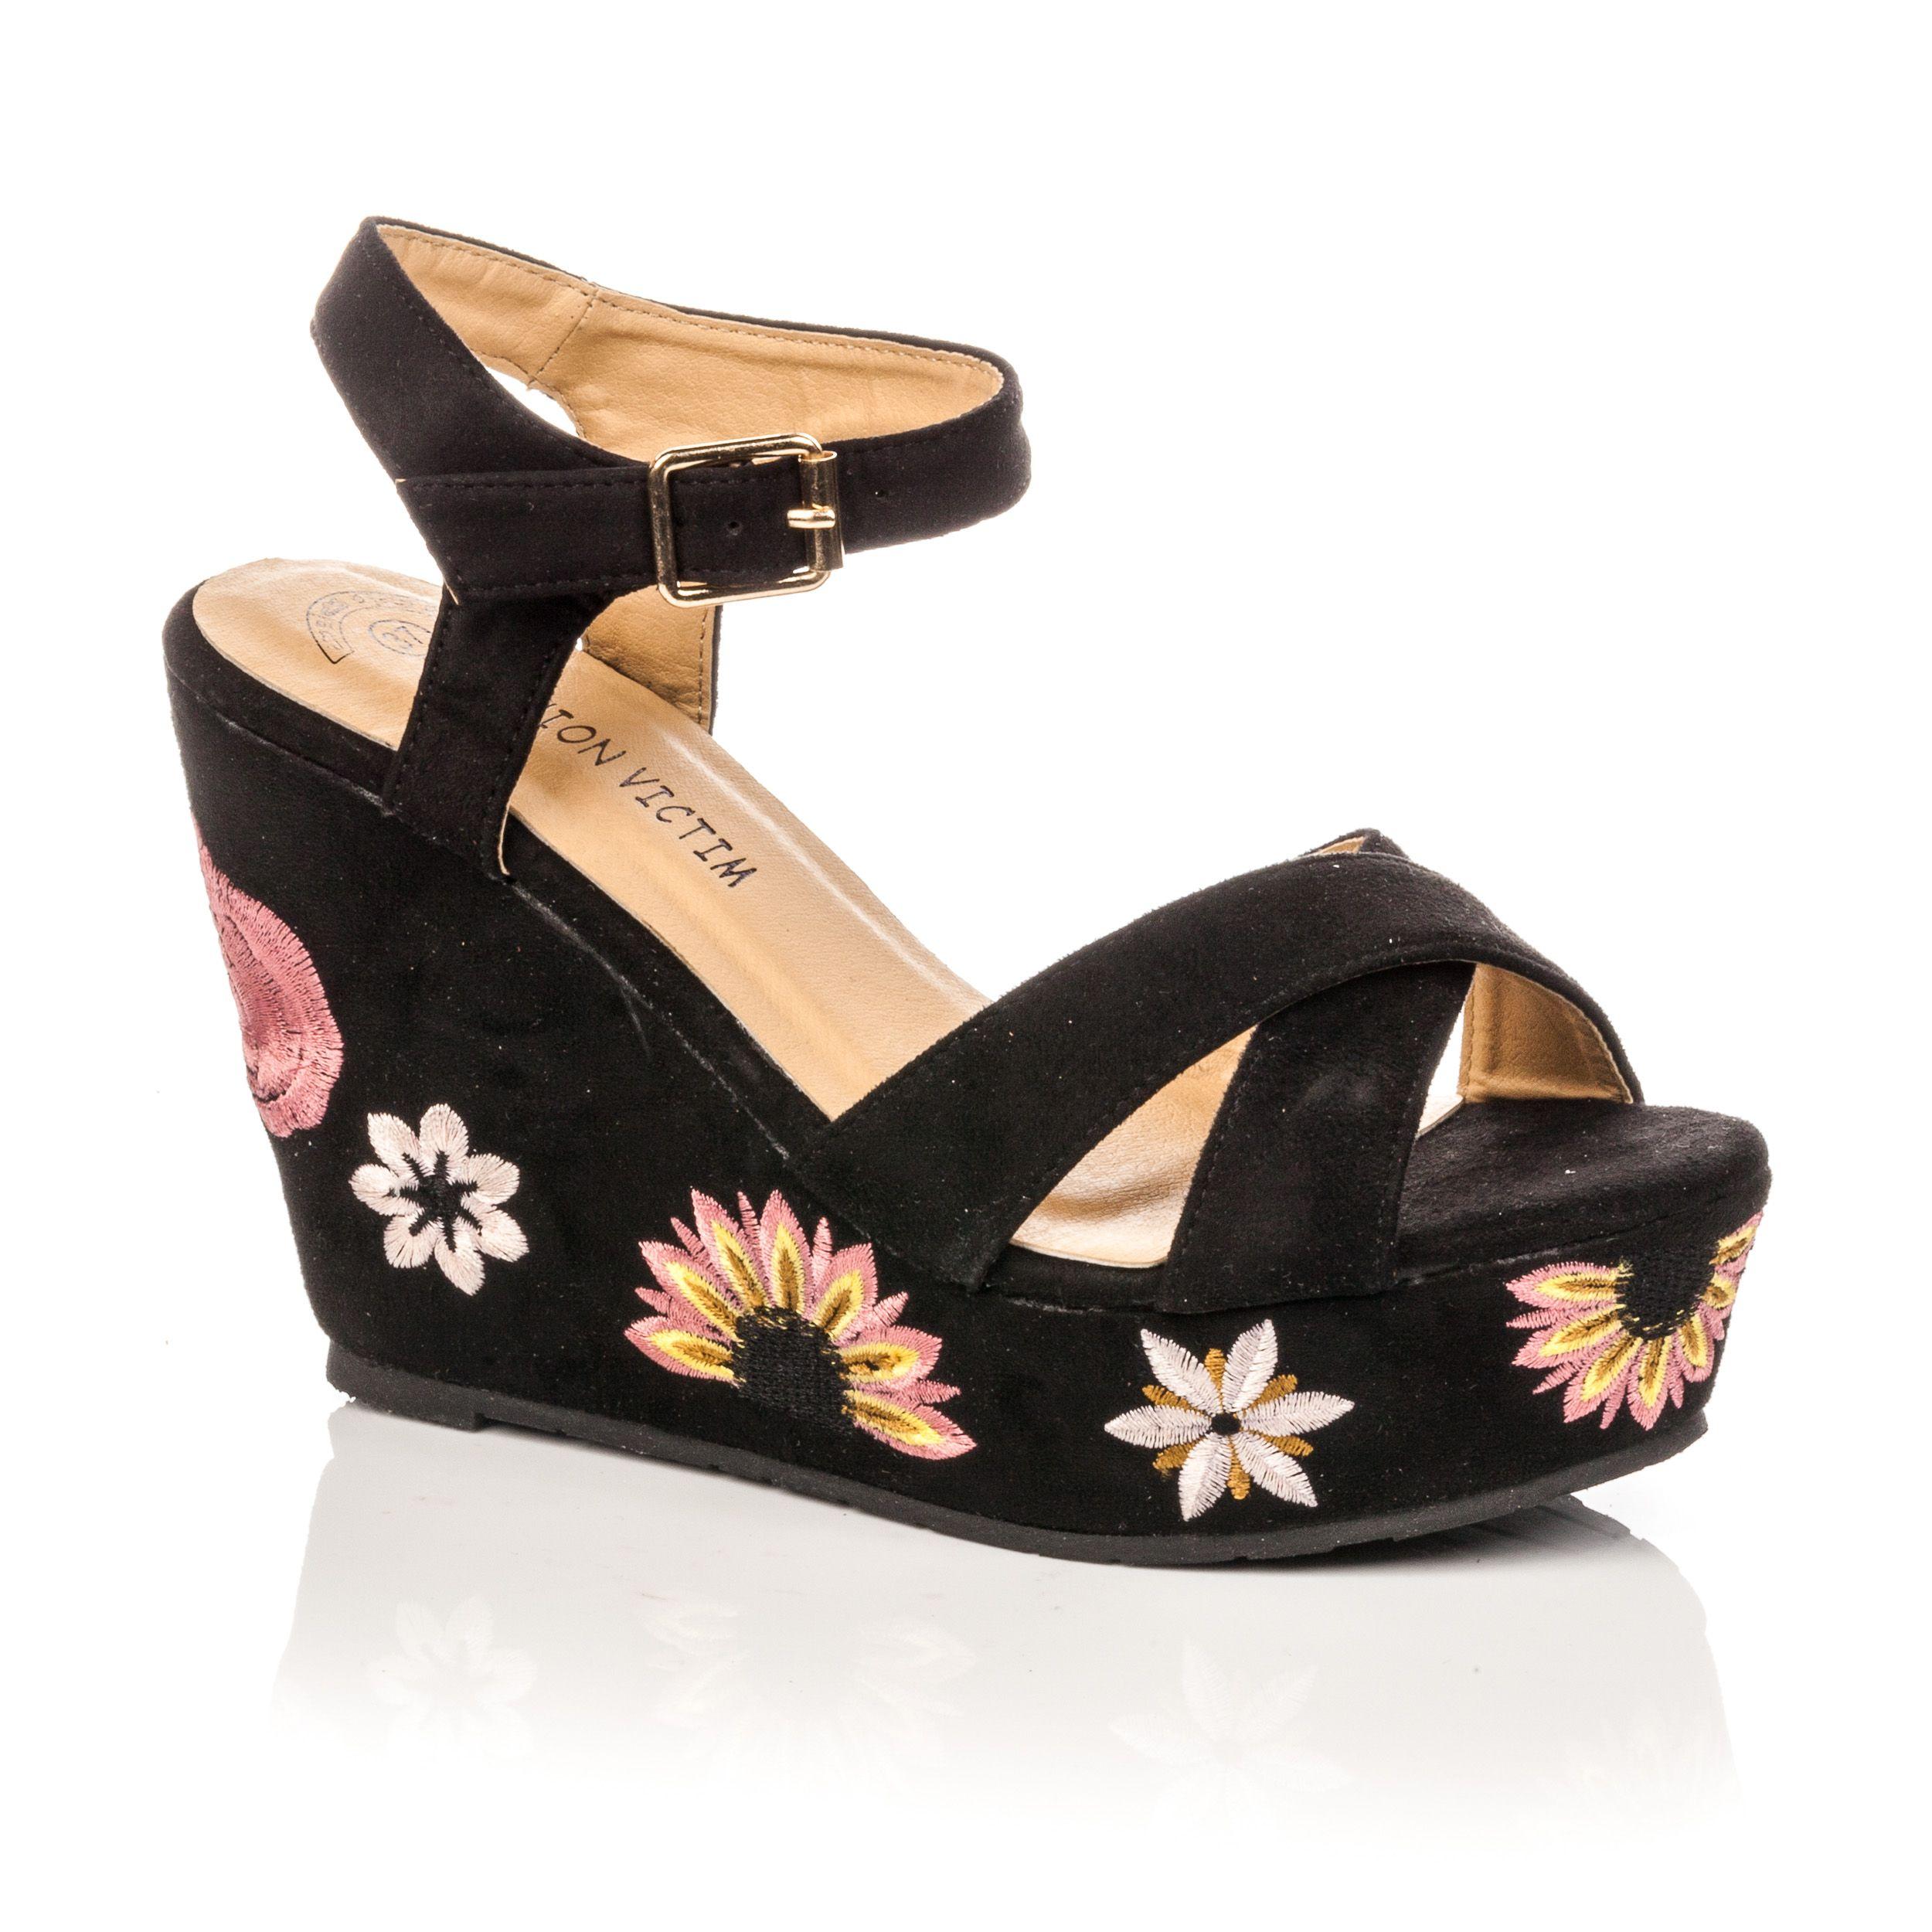 Les sandales compensées : incontournables pour un look